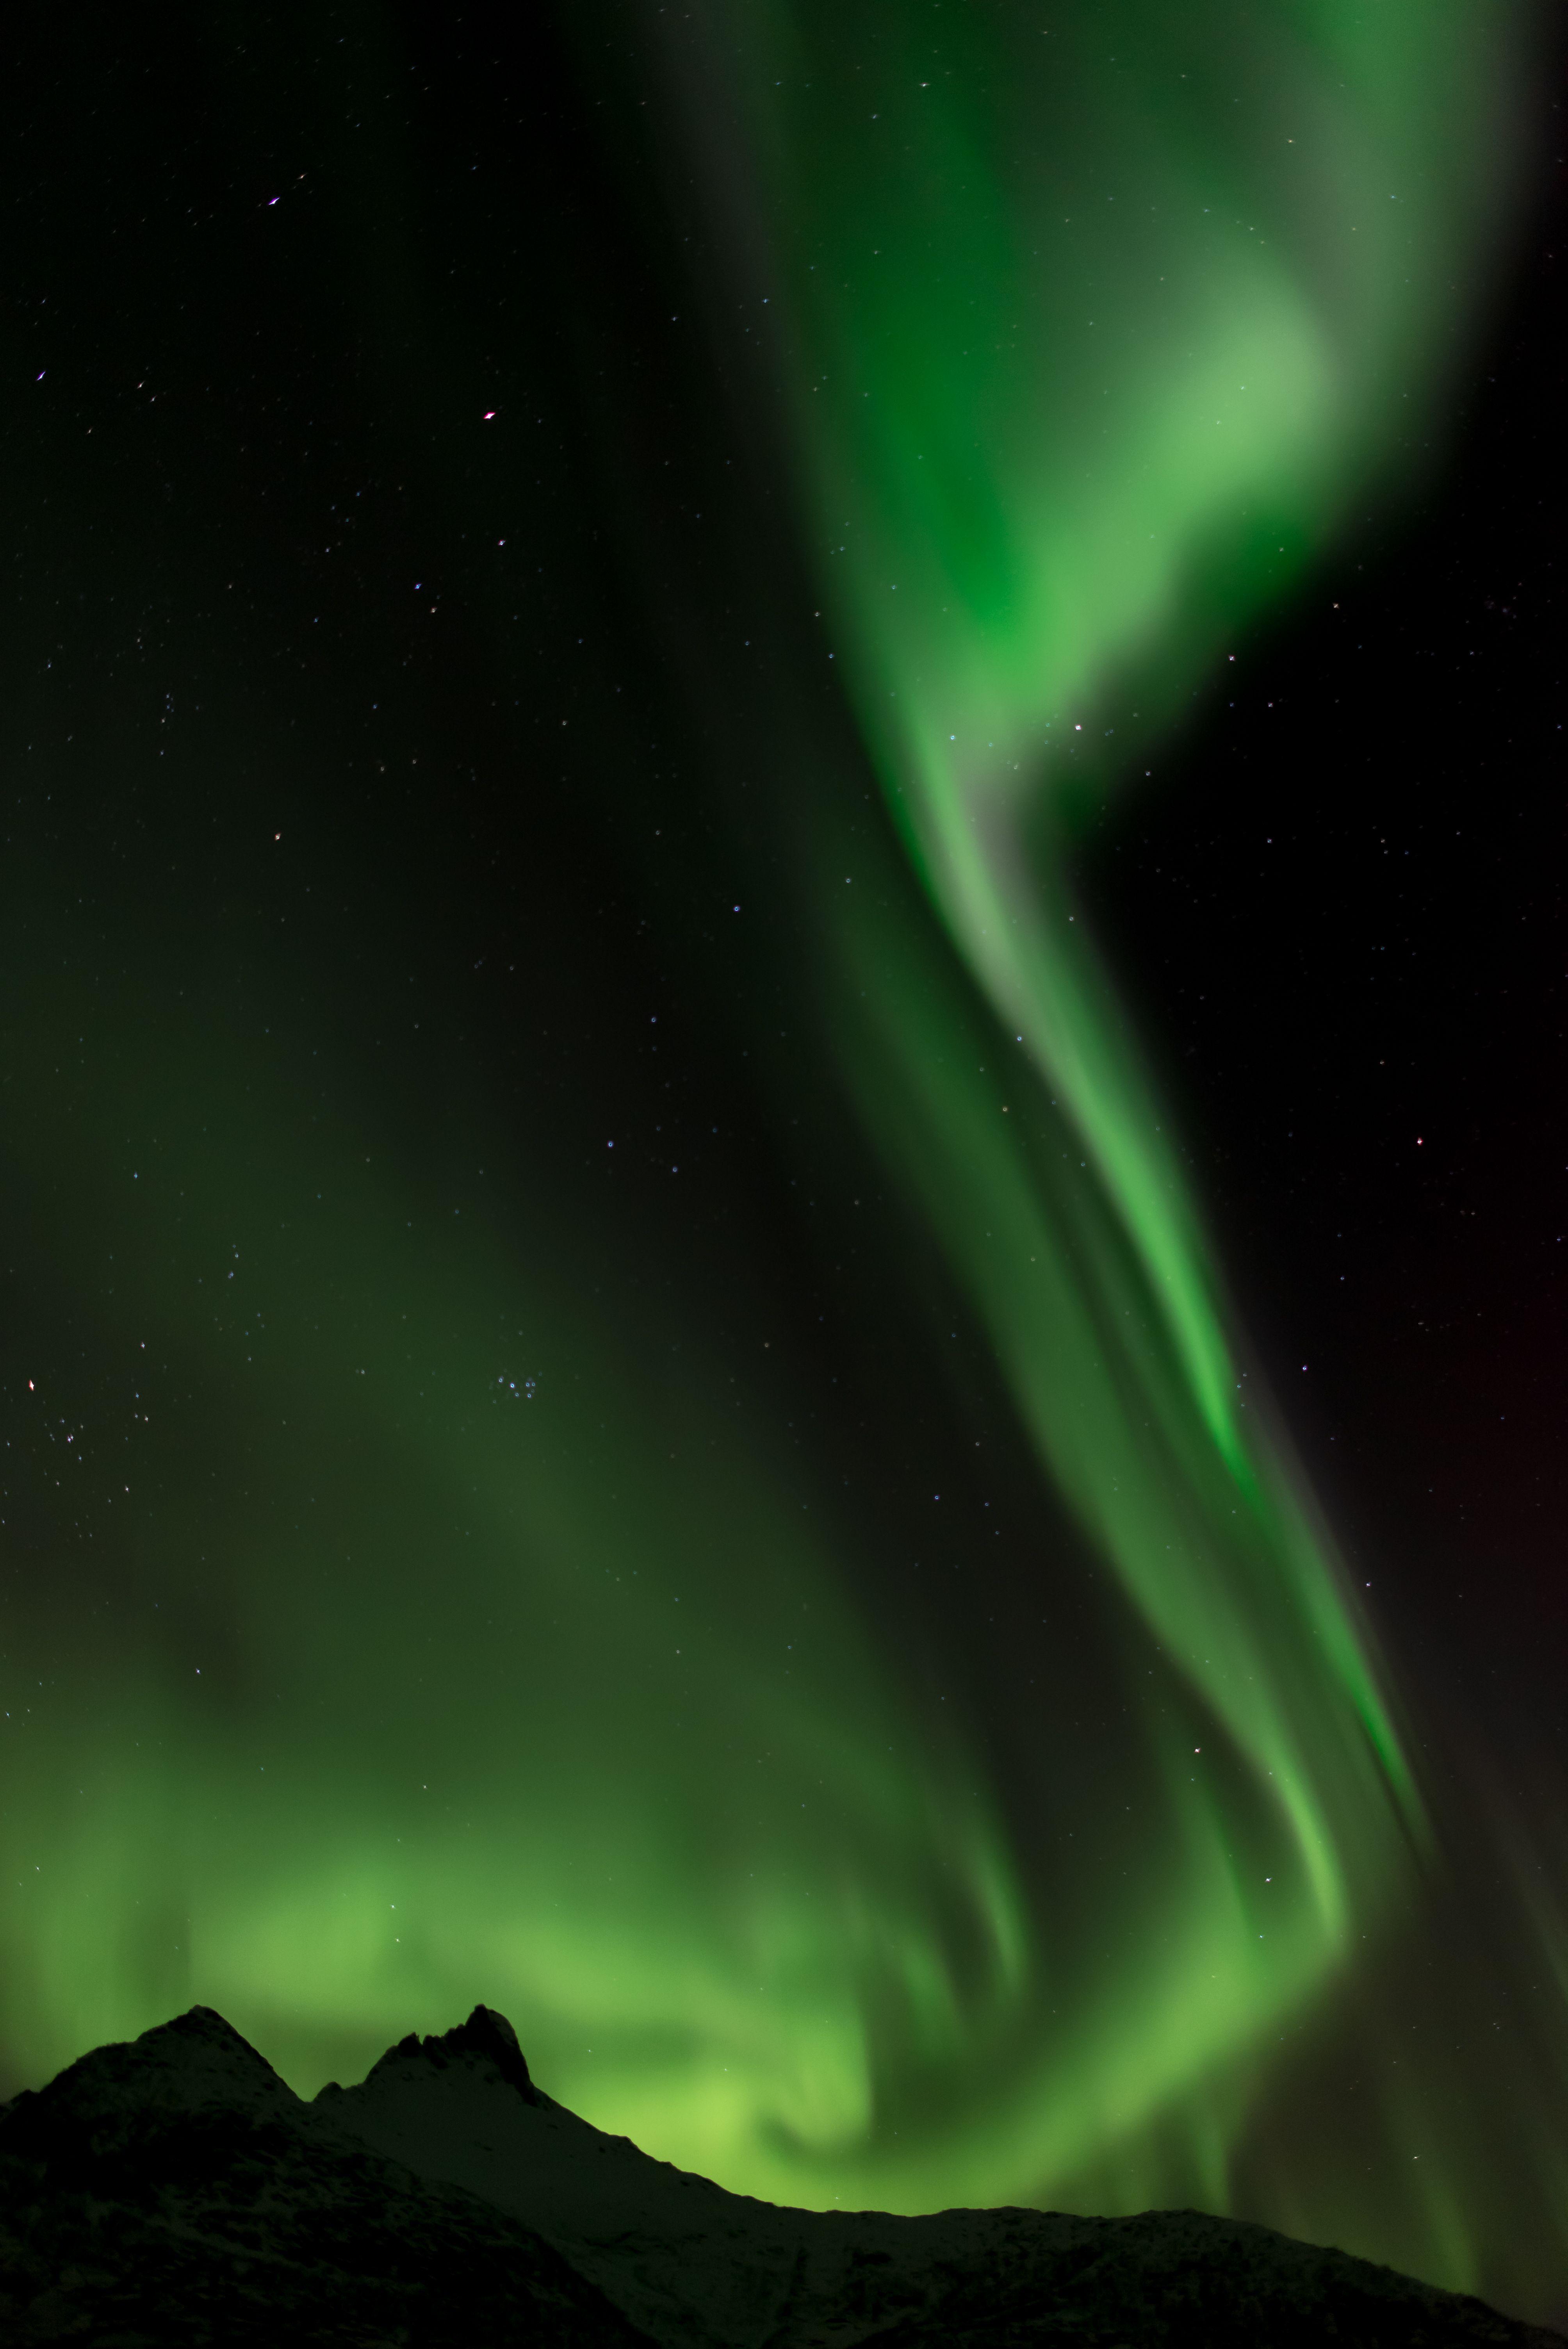 Northern Lights Lightroom Presets Landscape Photography Tutorial Lightroom Presets Night Sky Photography